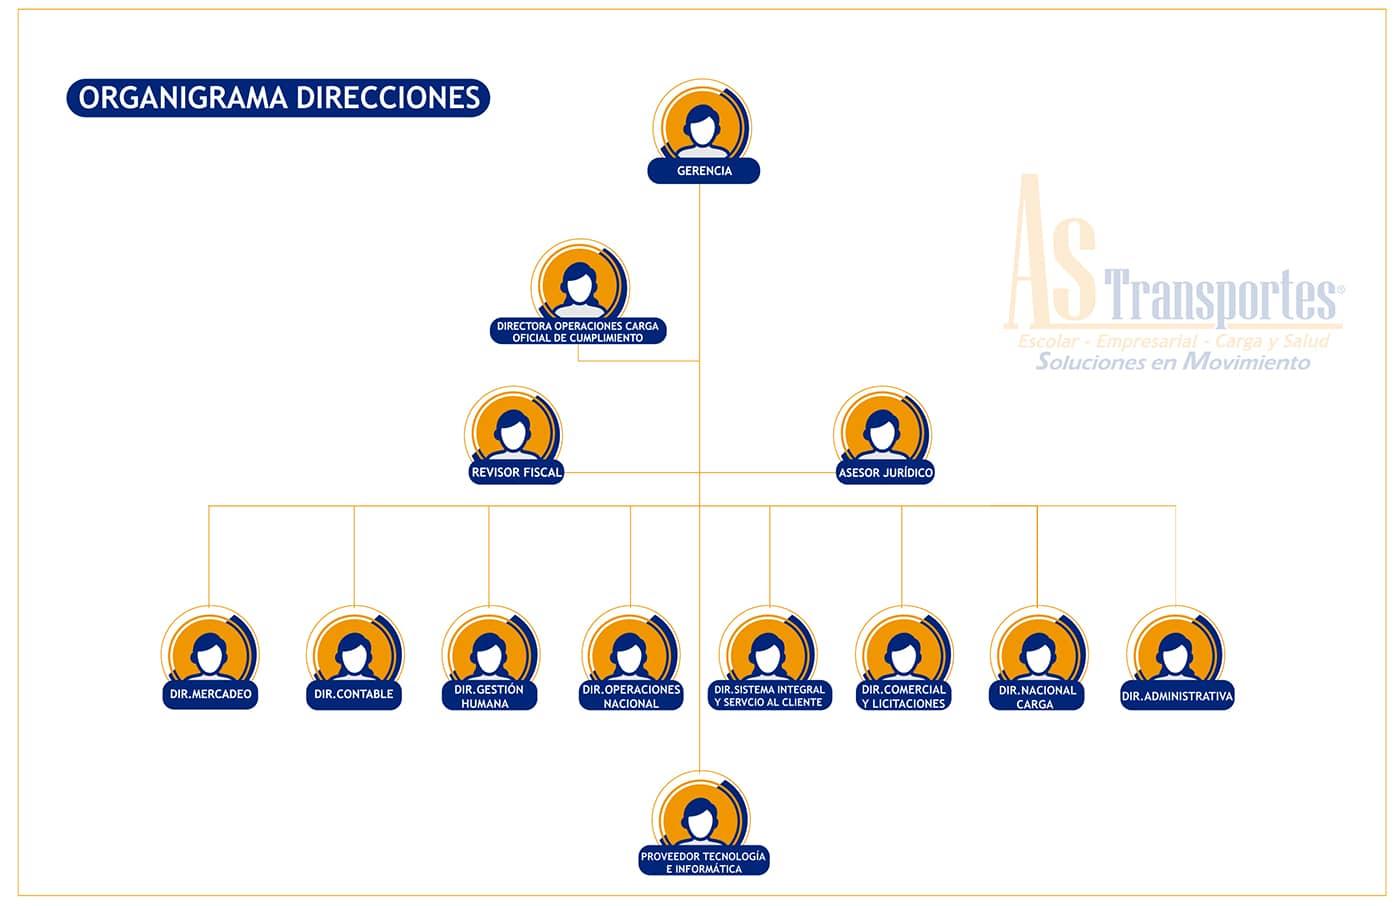 ORGANIGRAMA DE PAGINA WEB DIRECCIONES